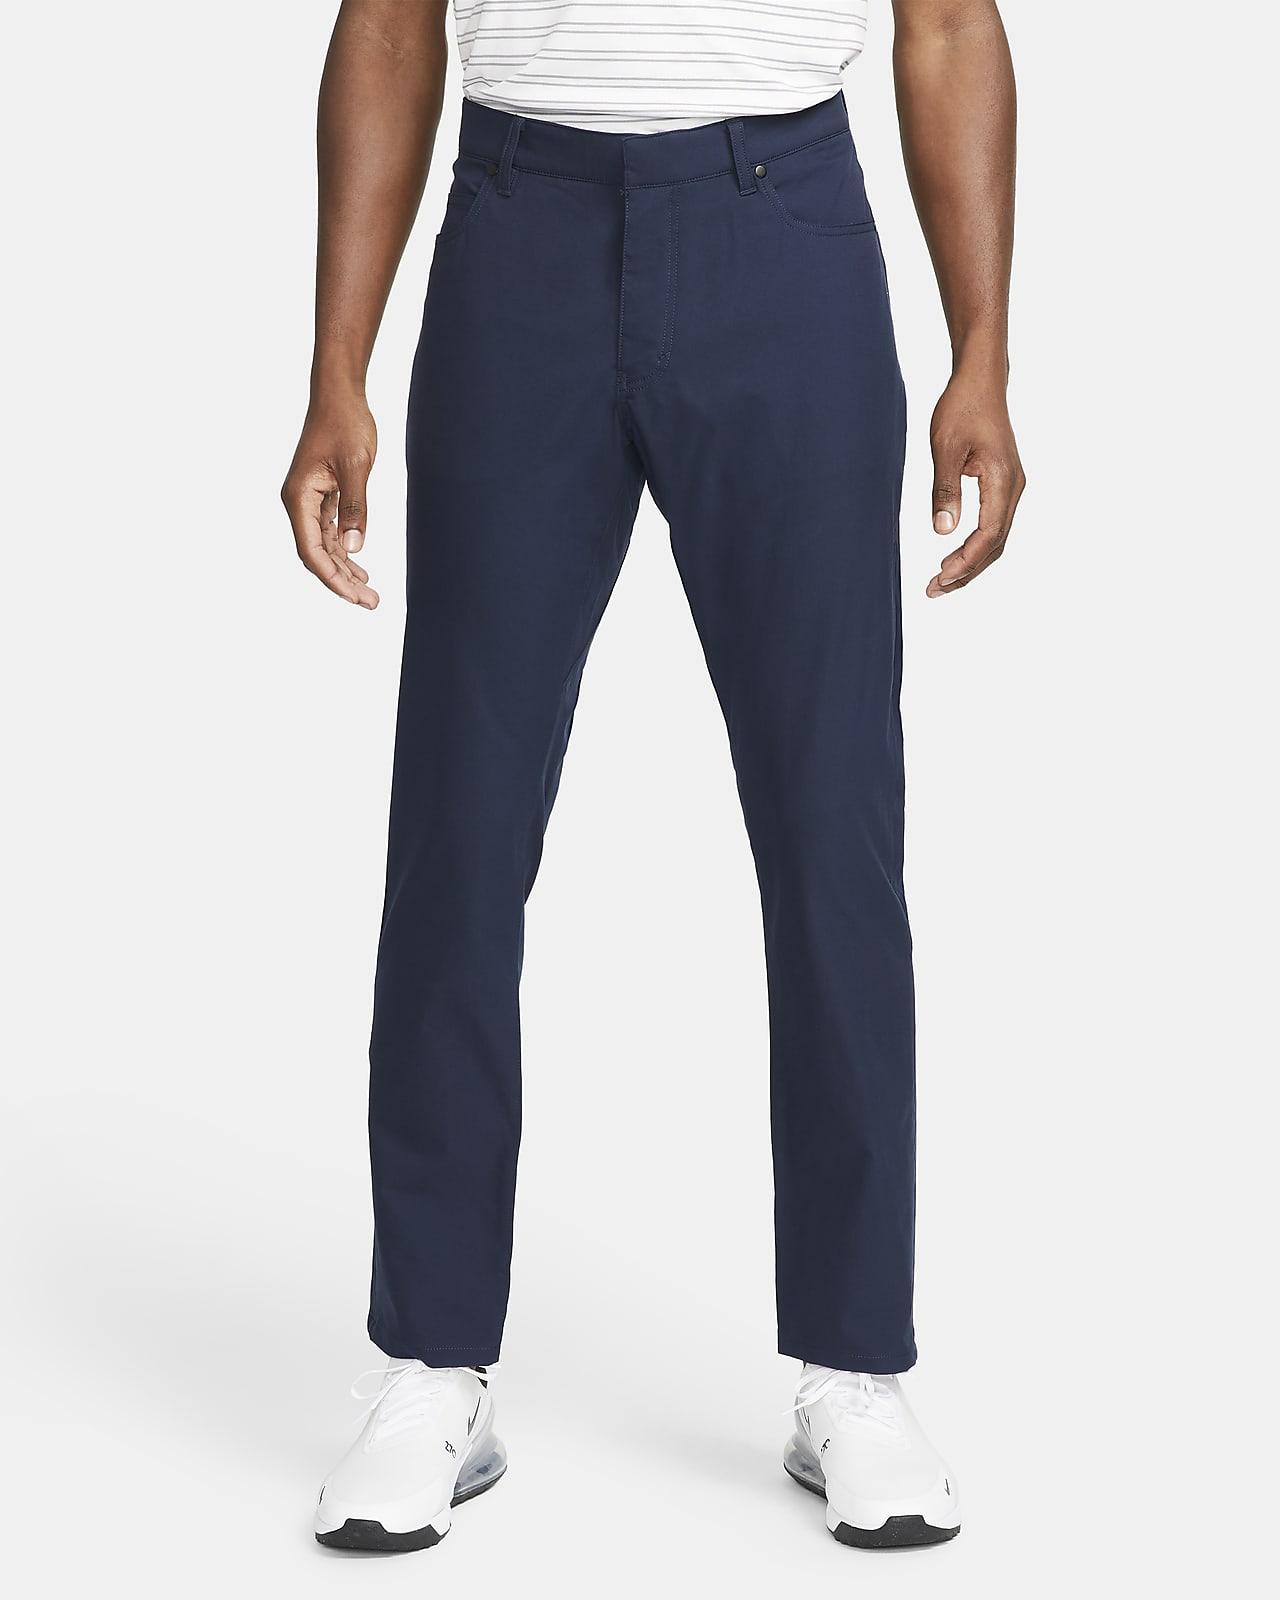 Nike Dri-FIT Repel Men's 5-Pocket Slim Fit Golf Pants